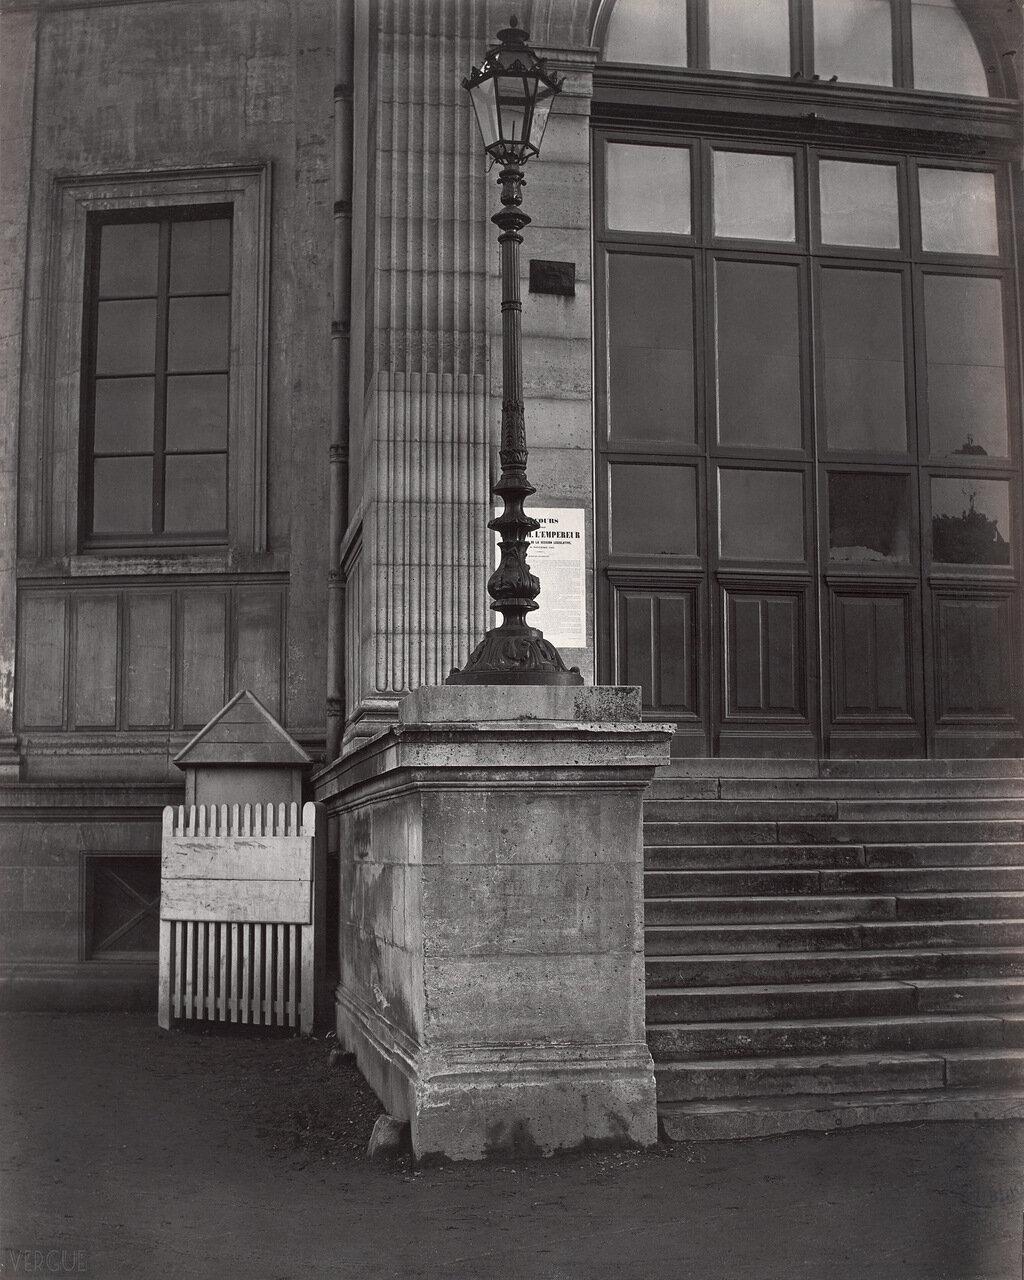 Станция де Ссо городской железной дороги. 1867